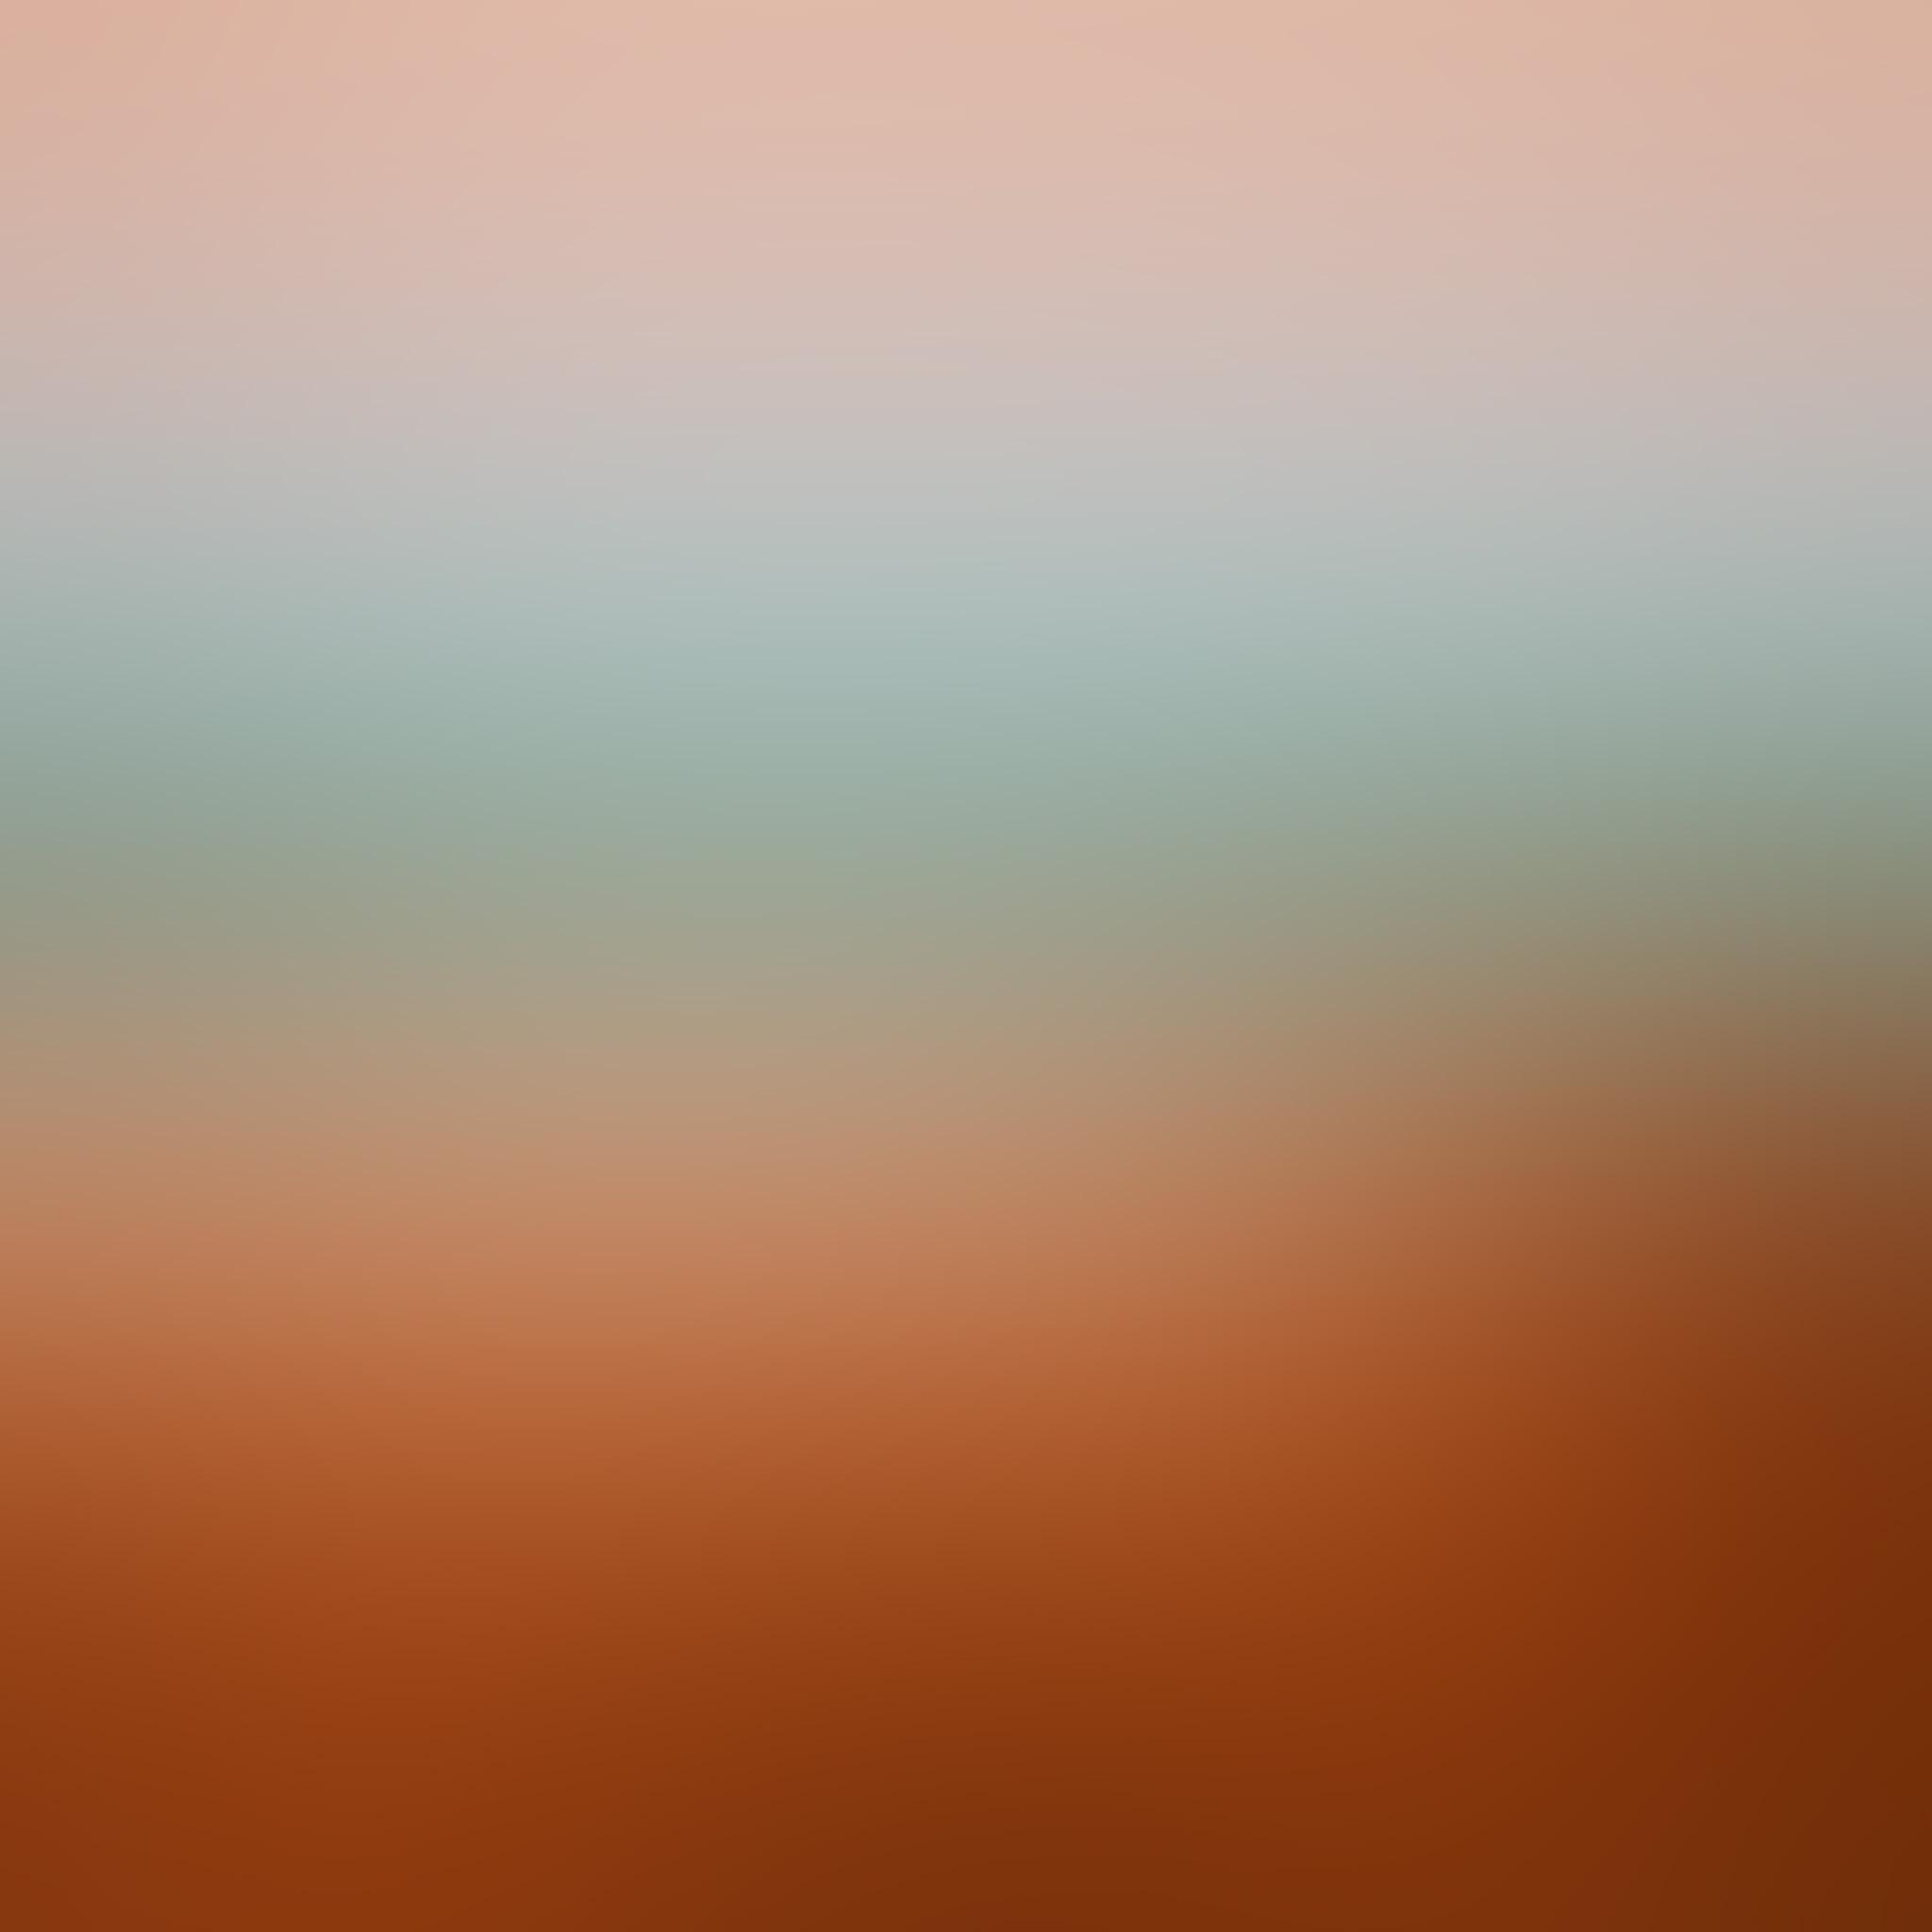 Sk79-orange-soft-blur-gradation-wallpaper